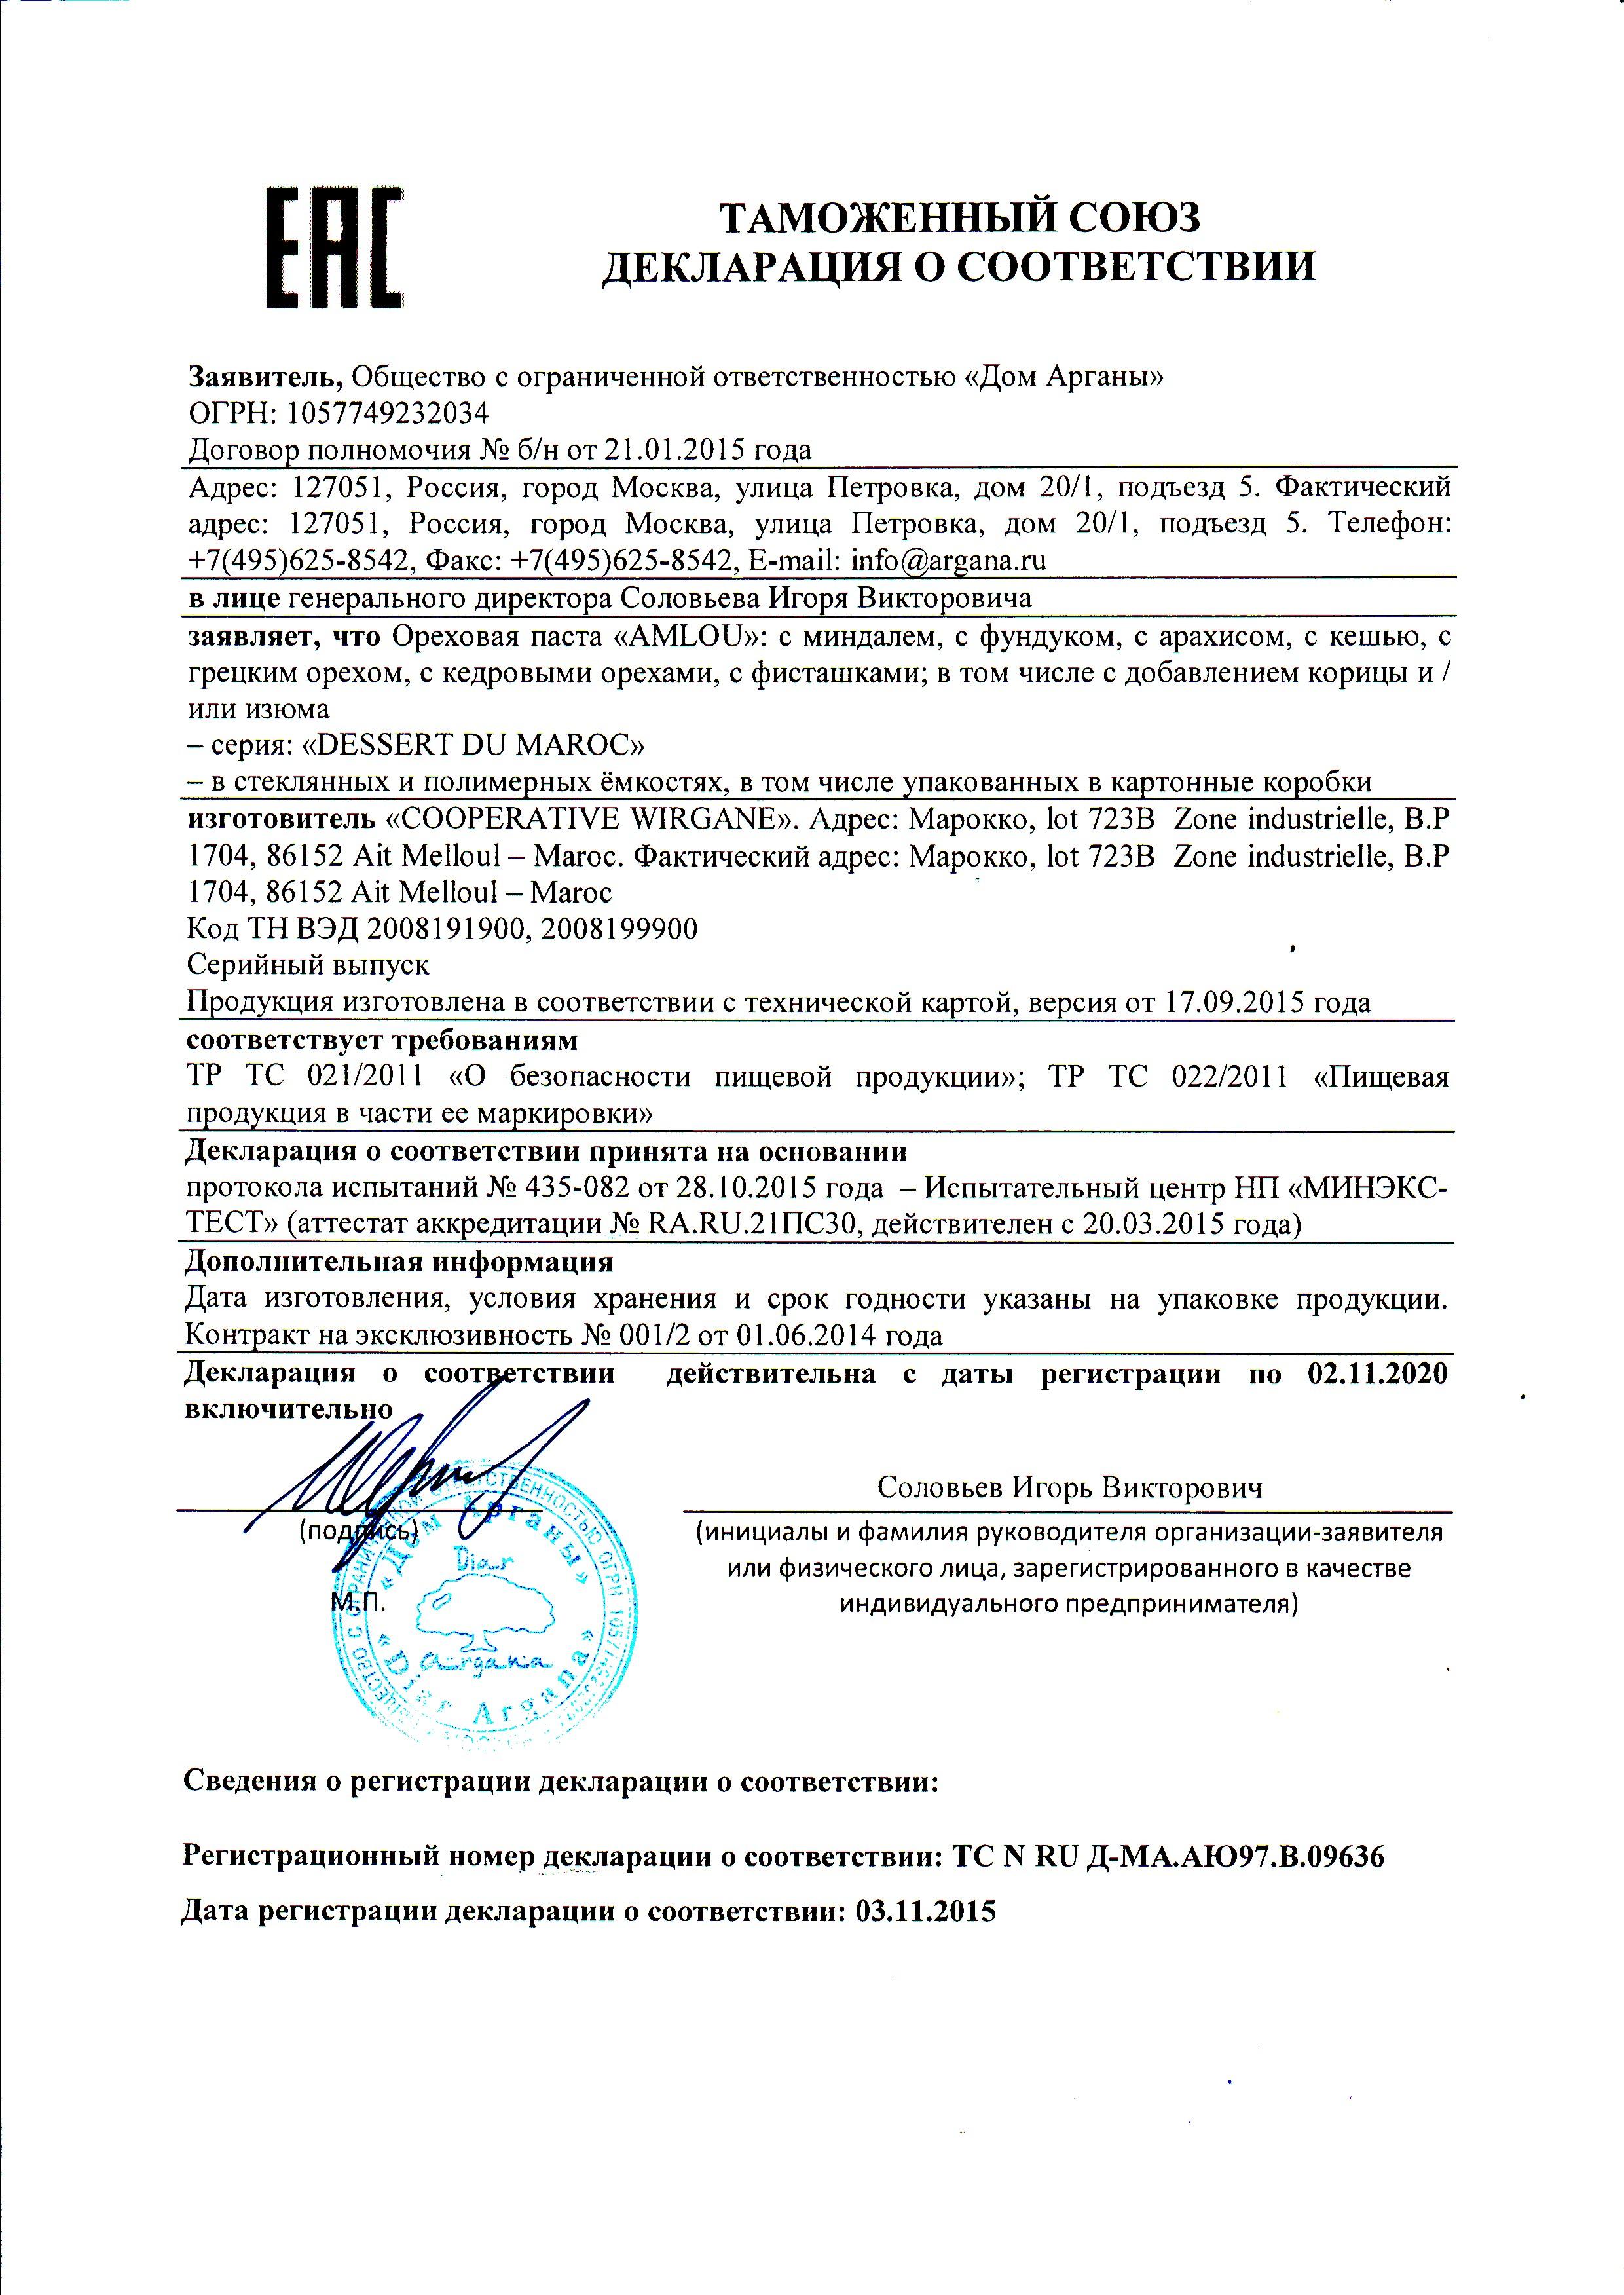 Декларация соответствия паста Amlou